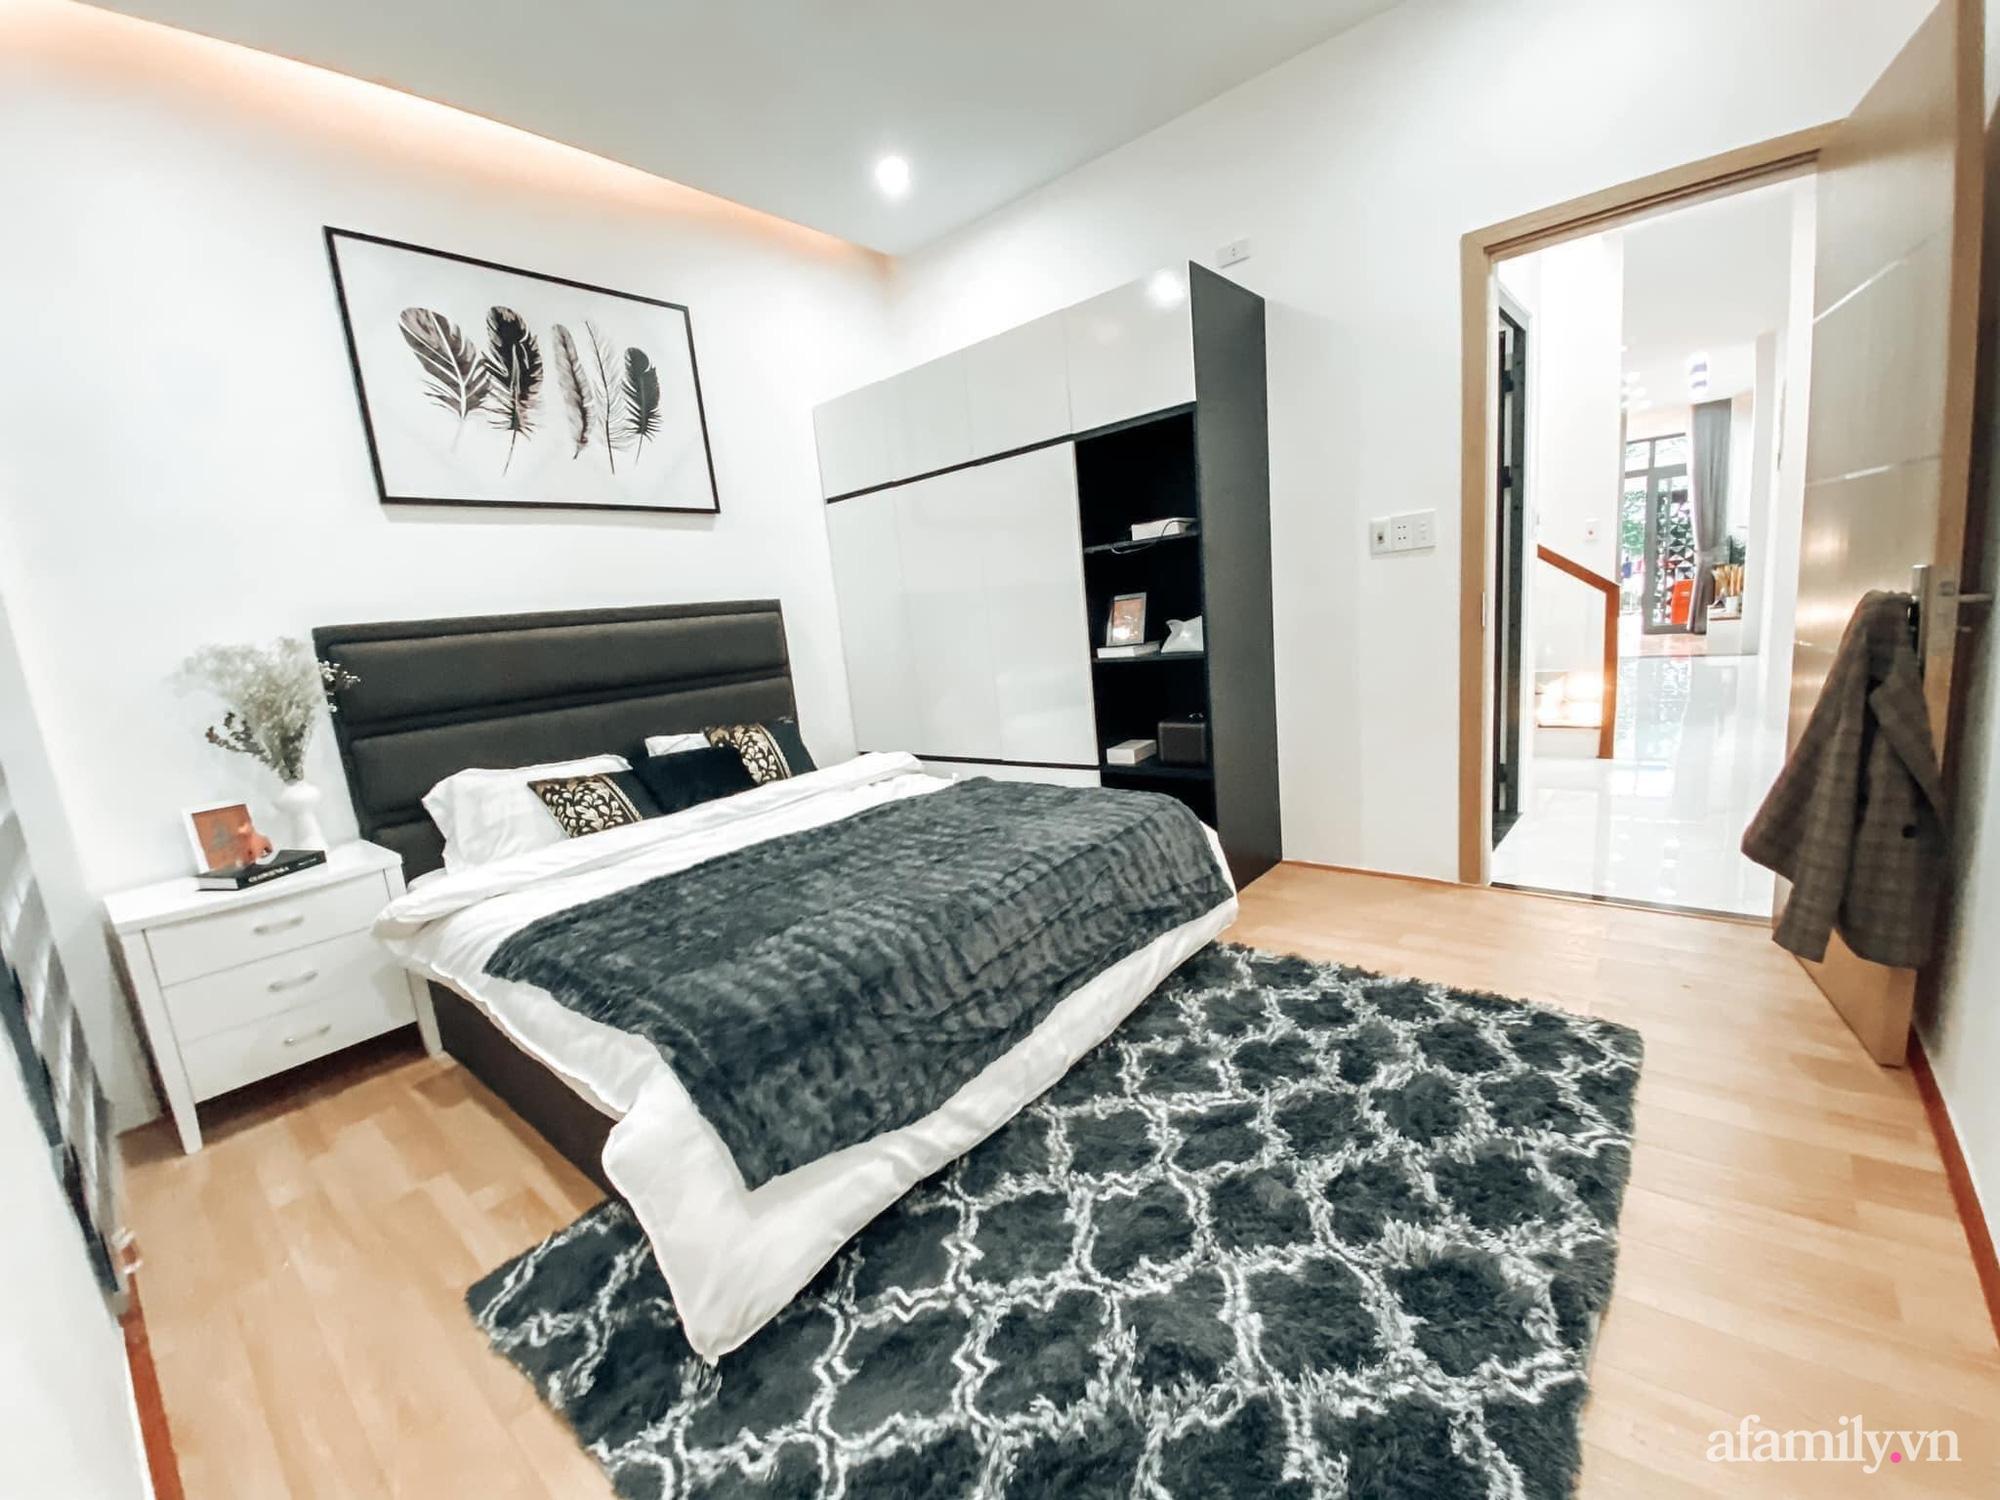 Nhà phố 70m² đẹp tiện nghi với những gam màu thân thiện ở Đà Nẵng-14